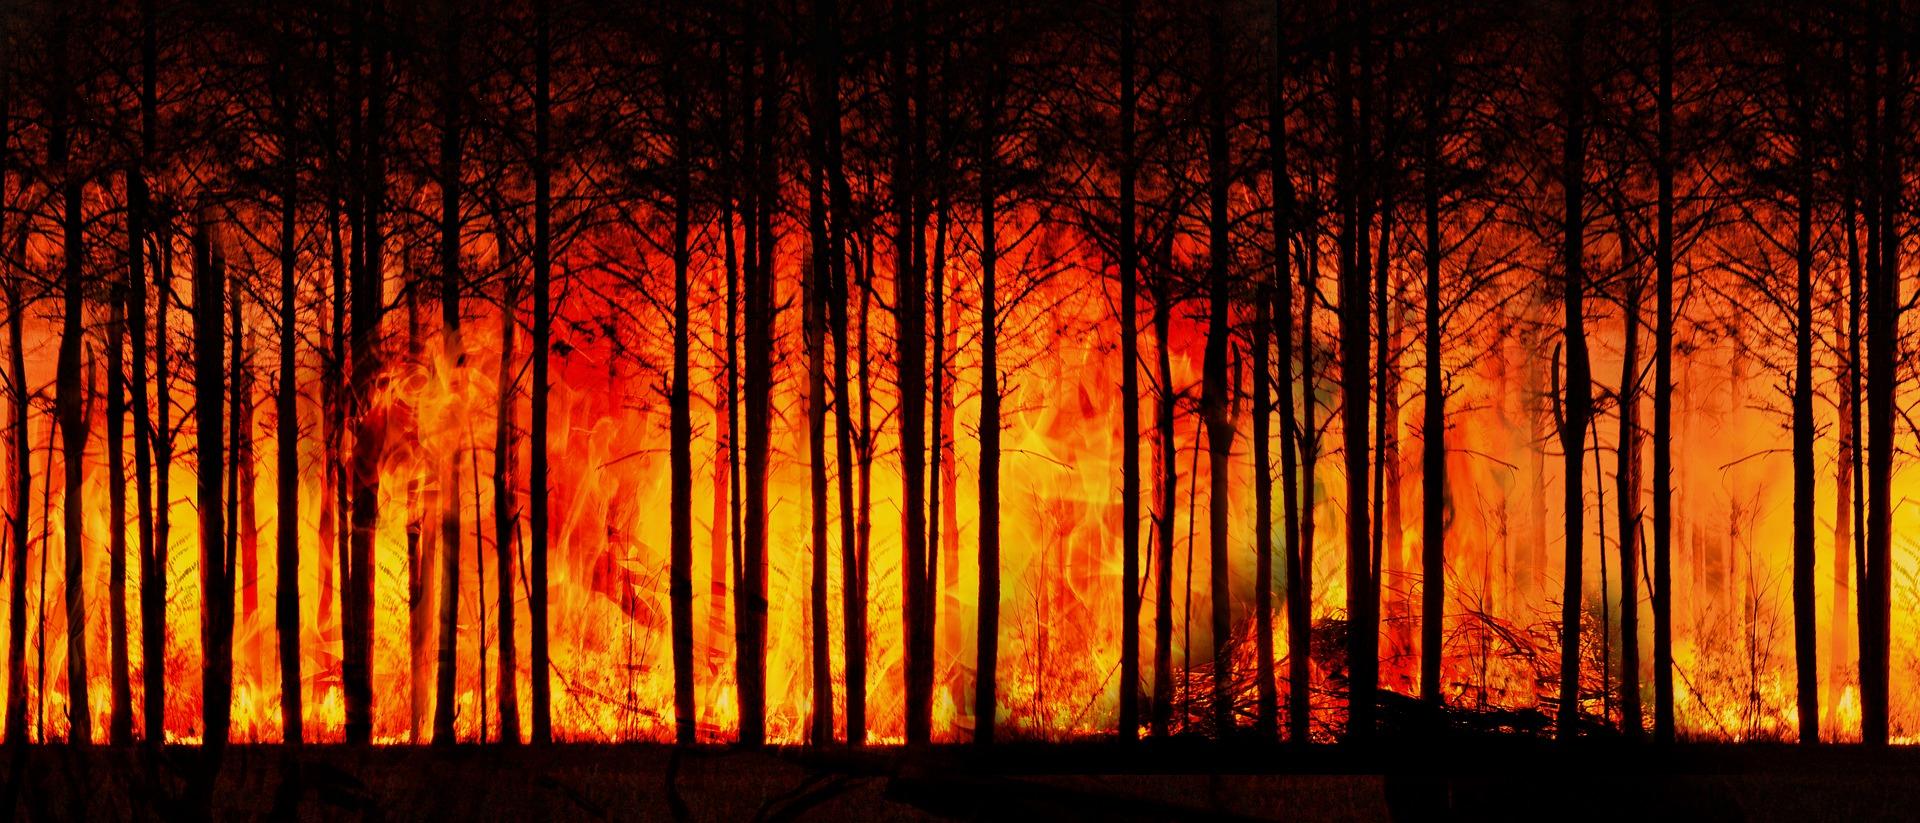 Ziemia, jak doprowadziliśmy do katastrofy - recenzja